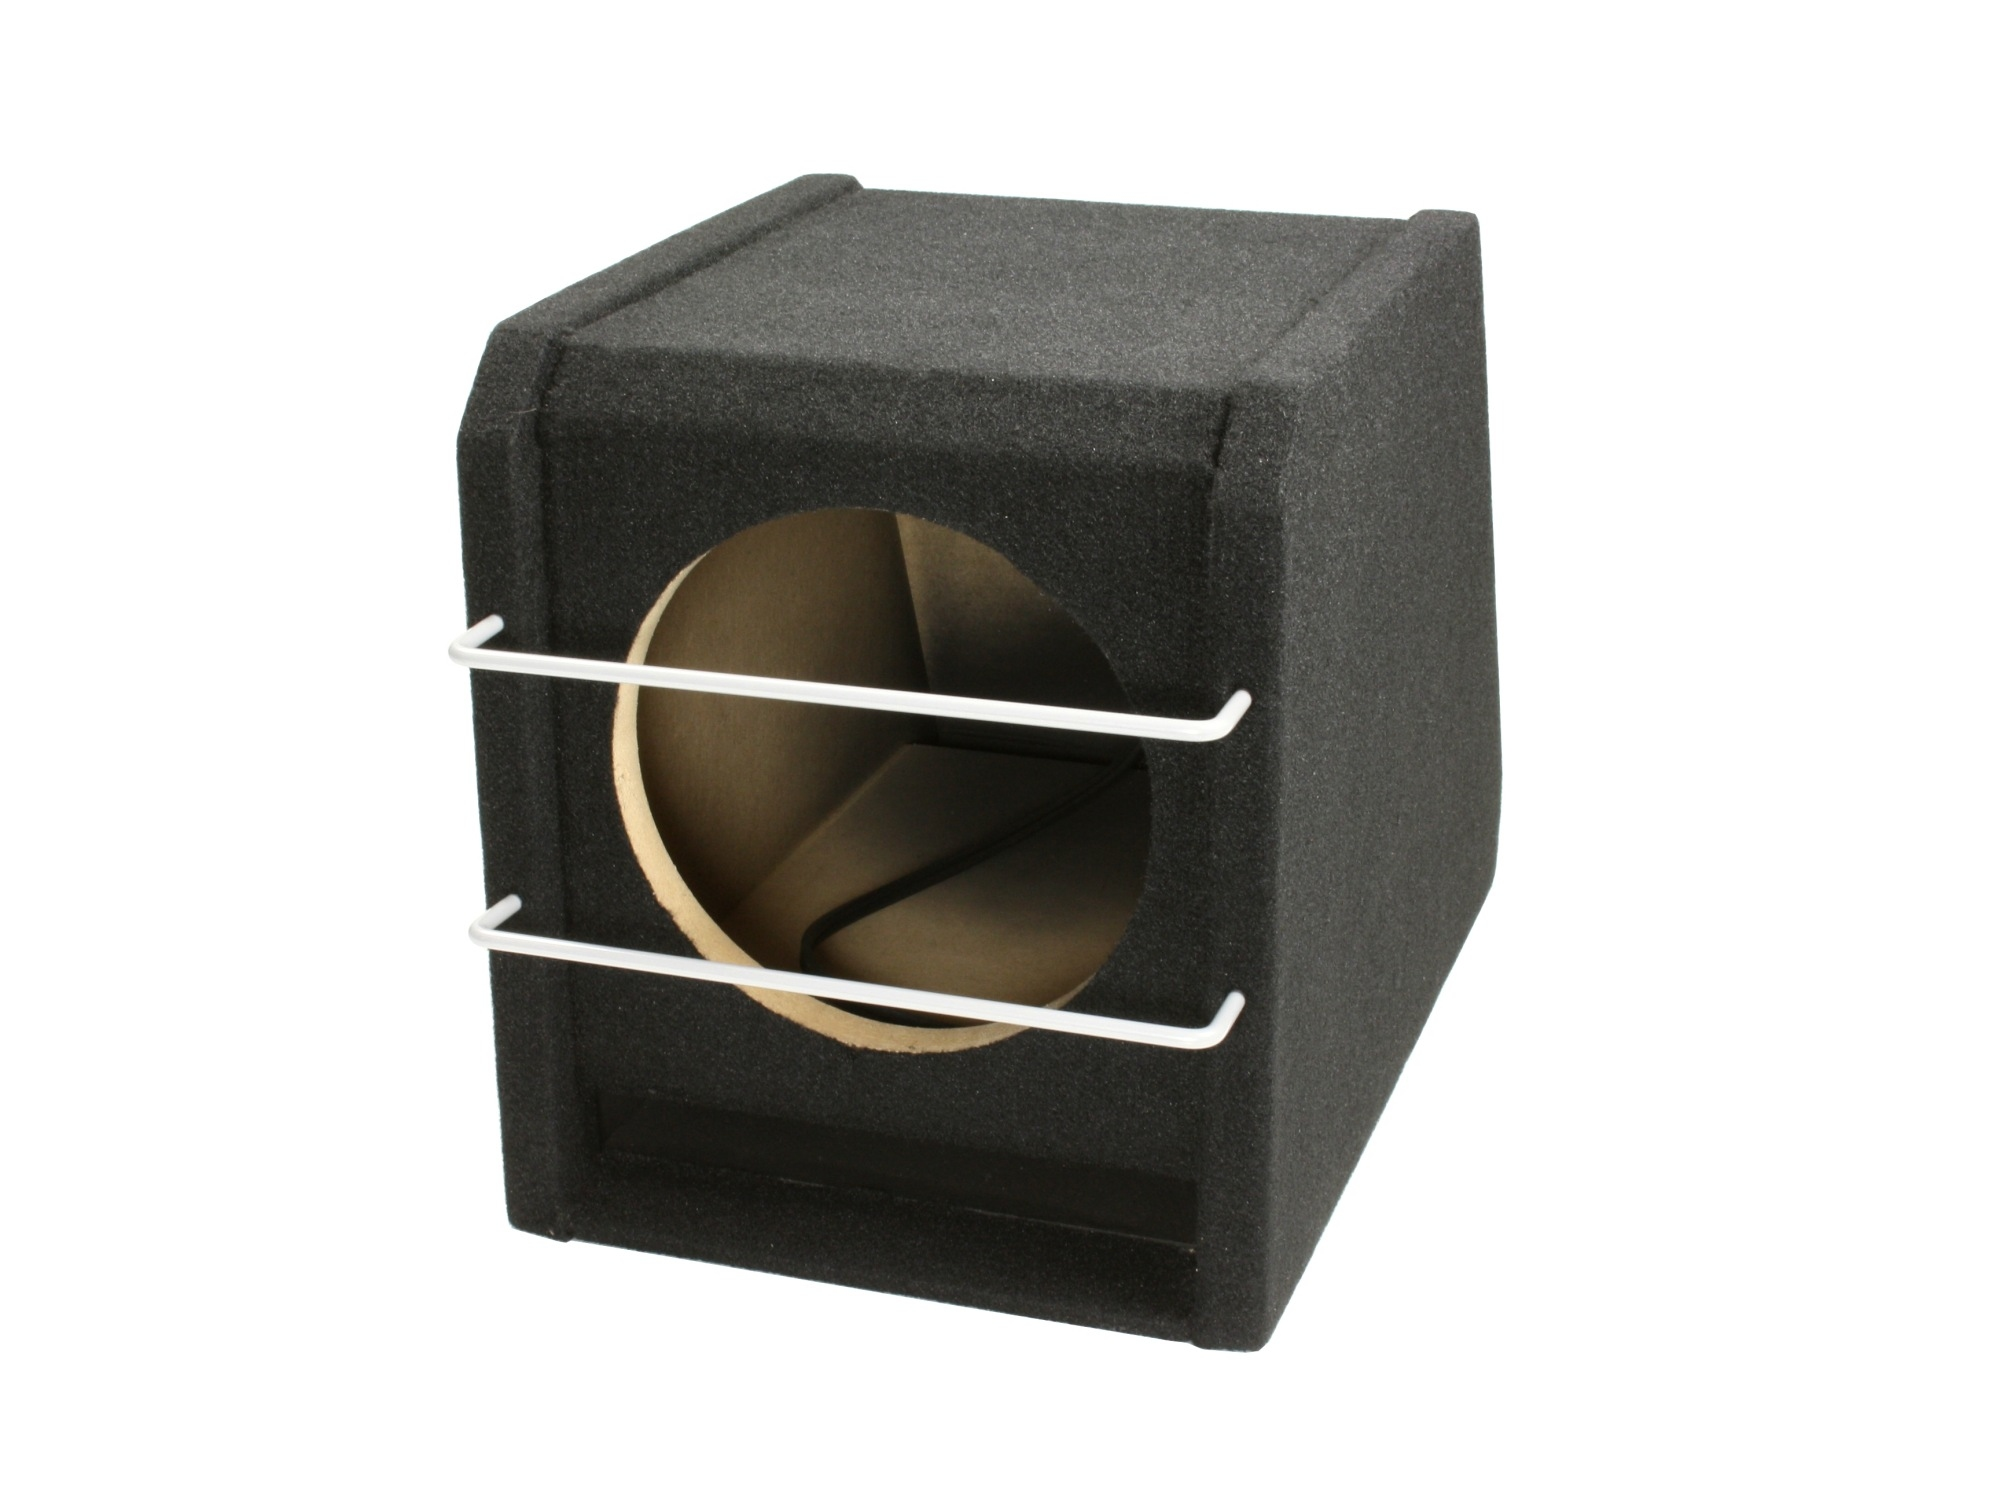 compact 8 inch gepoorte kist met grill